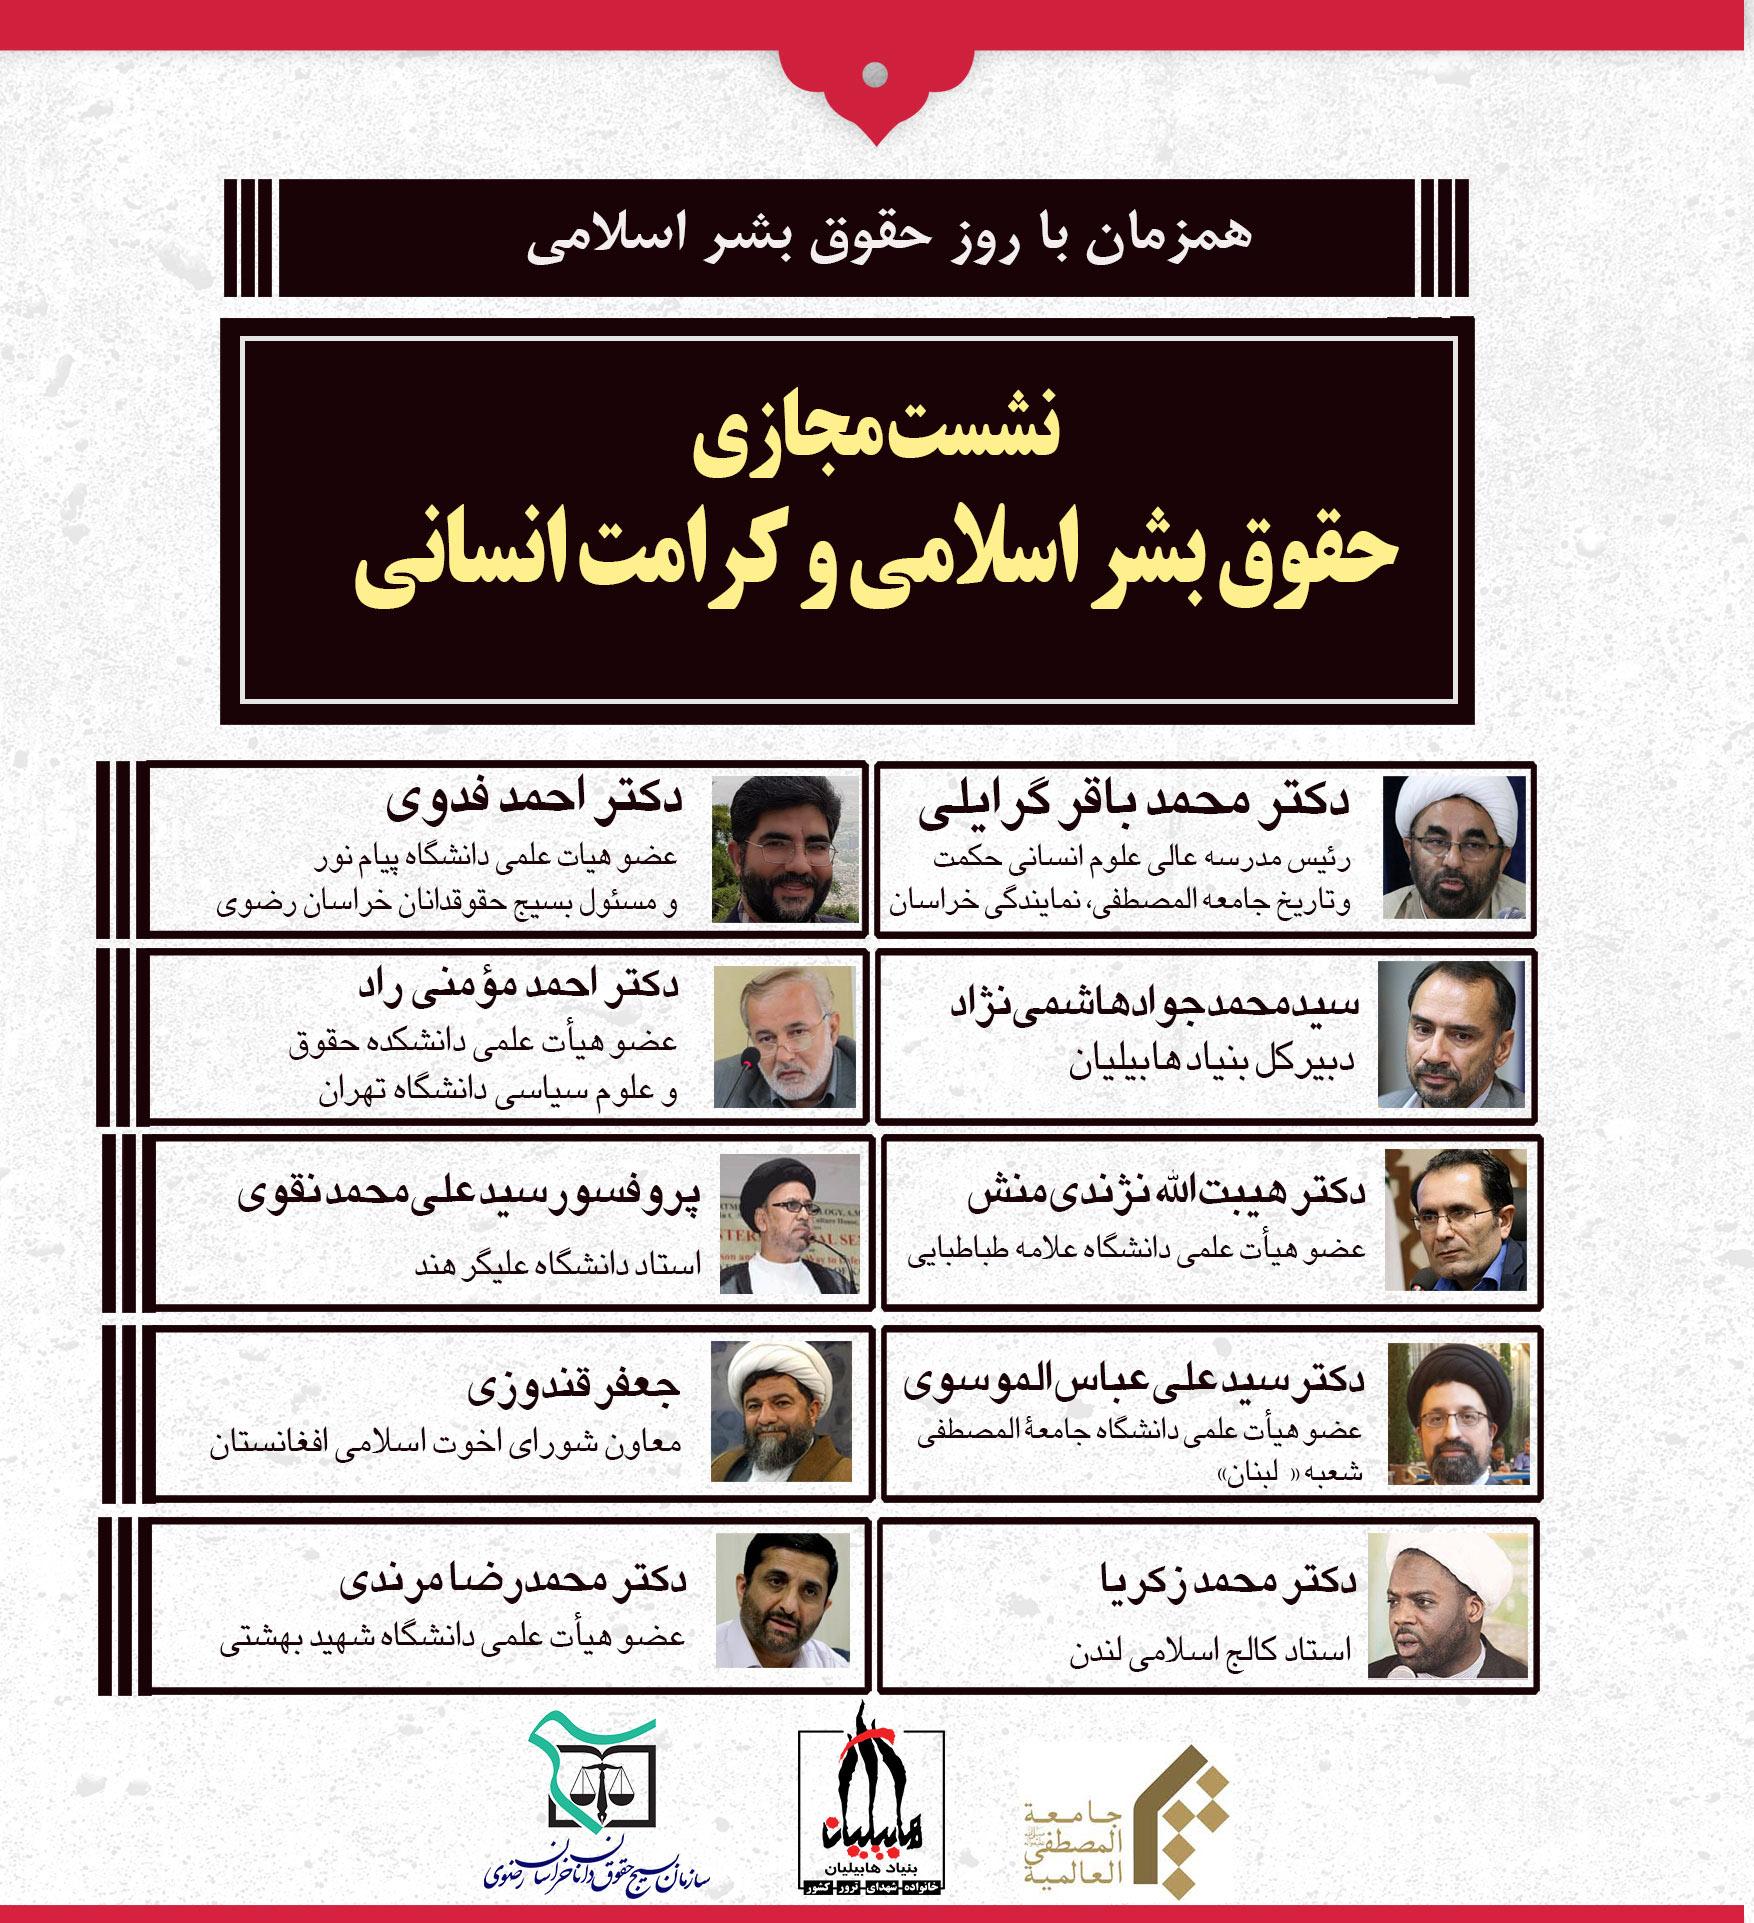 مشروح سخنرانی های نشست بین المللی حقوق بشر اسلامی و کرا..